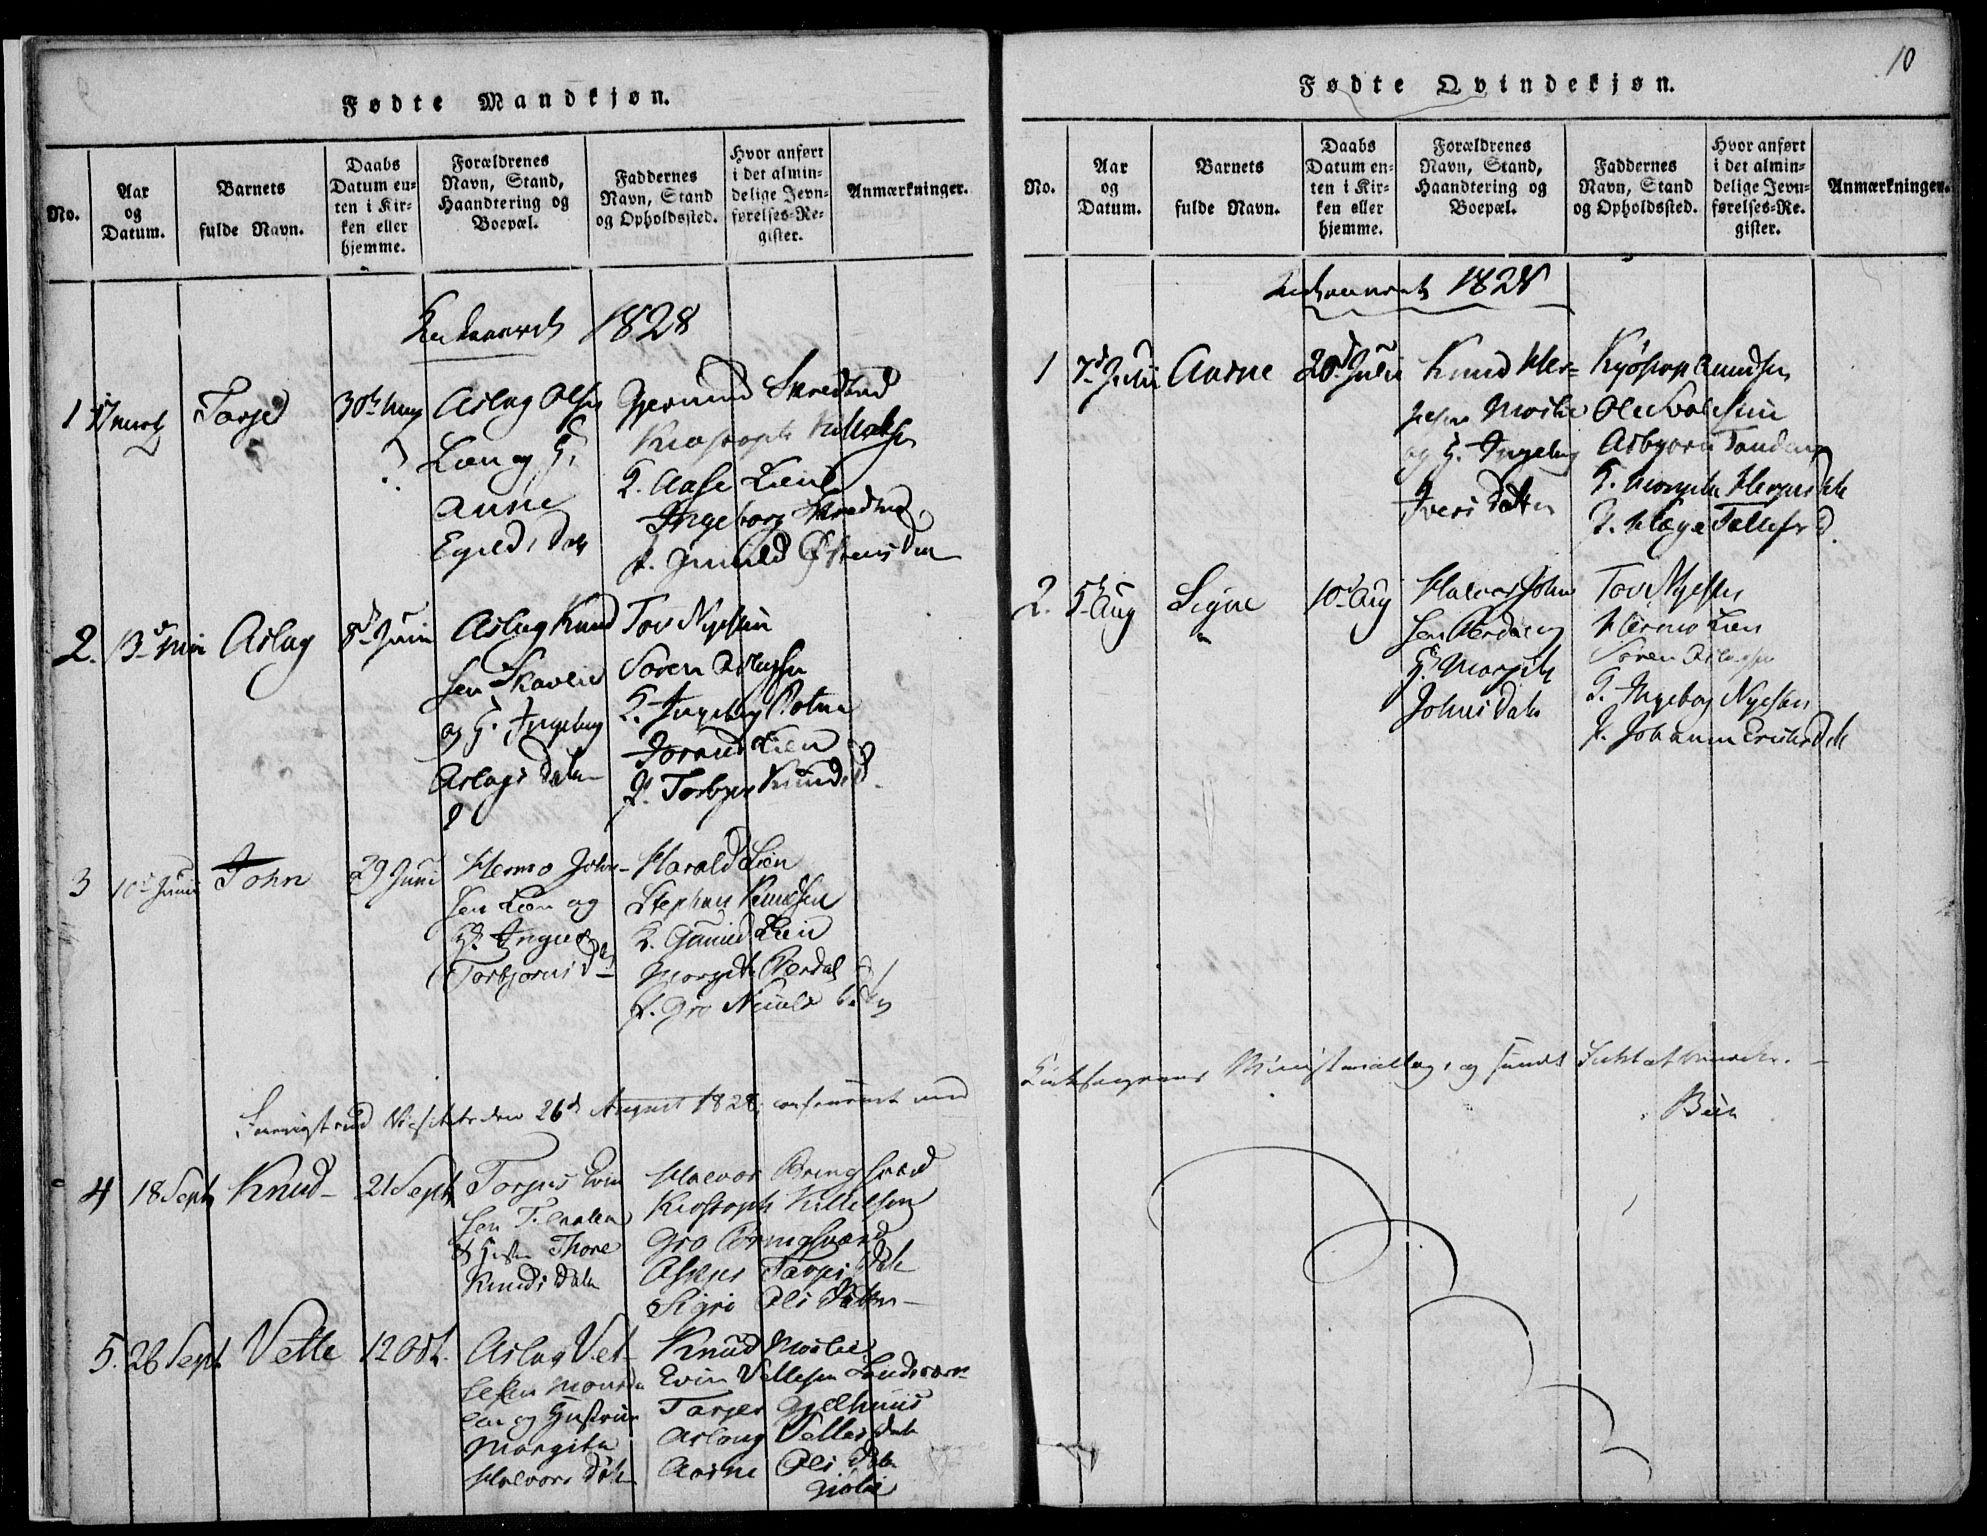 SAKO, Vinje kirkebøker, F/Fb/L0001: Ministerialbok nr. II 1, 1814-1843, s. 10